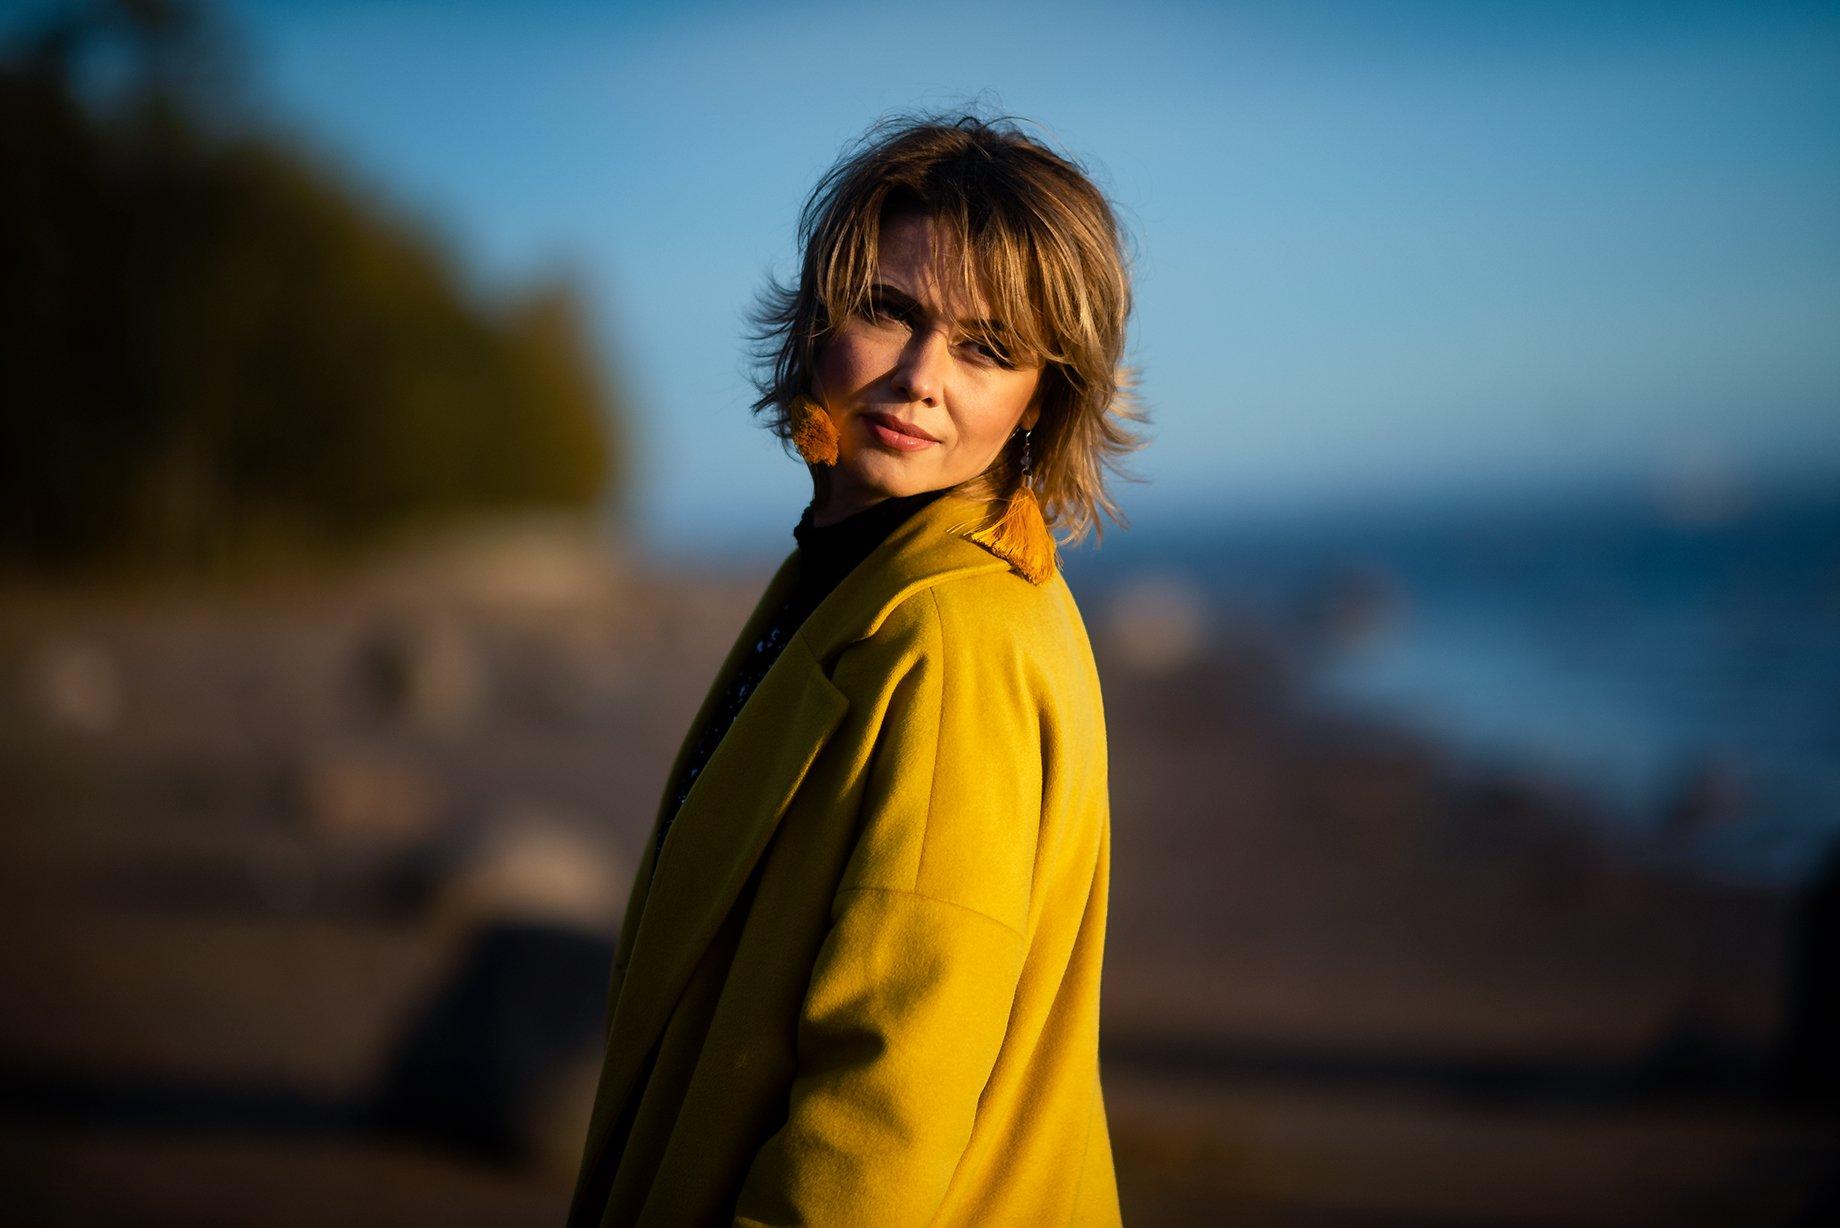 желтое пальто осень девушка, Виктория Разина